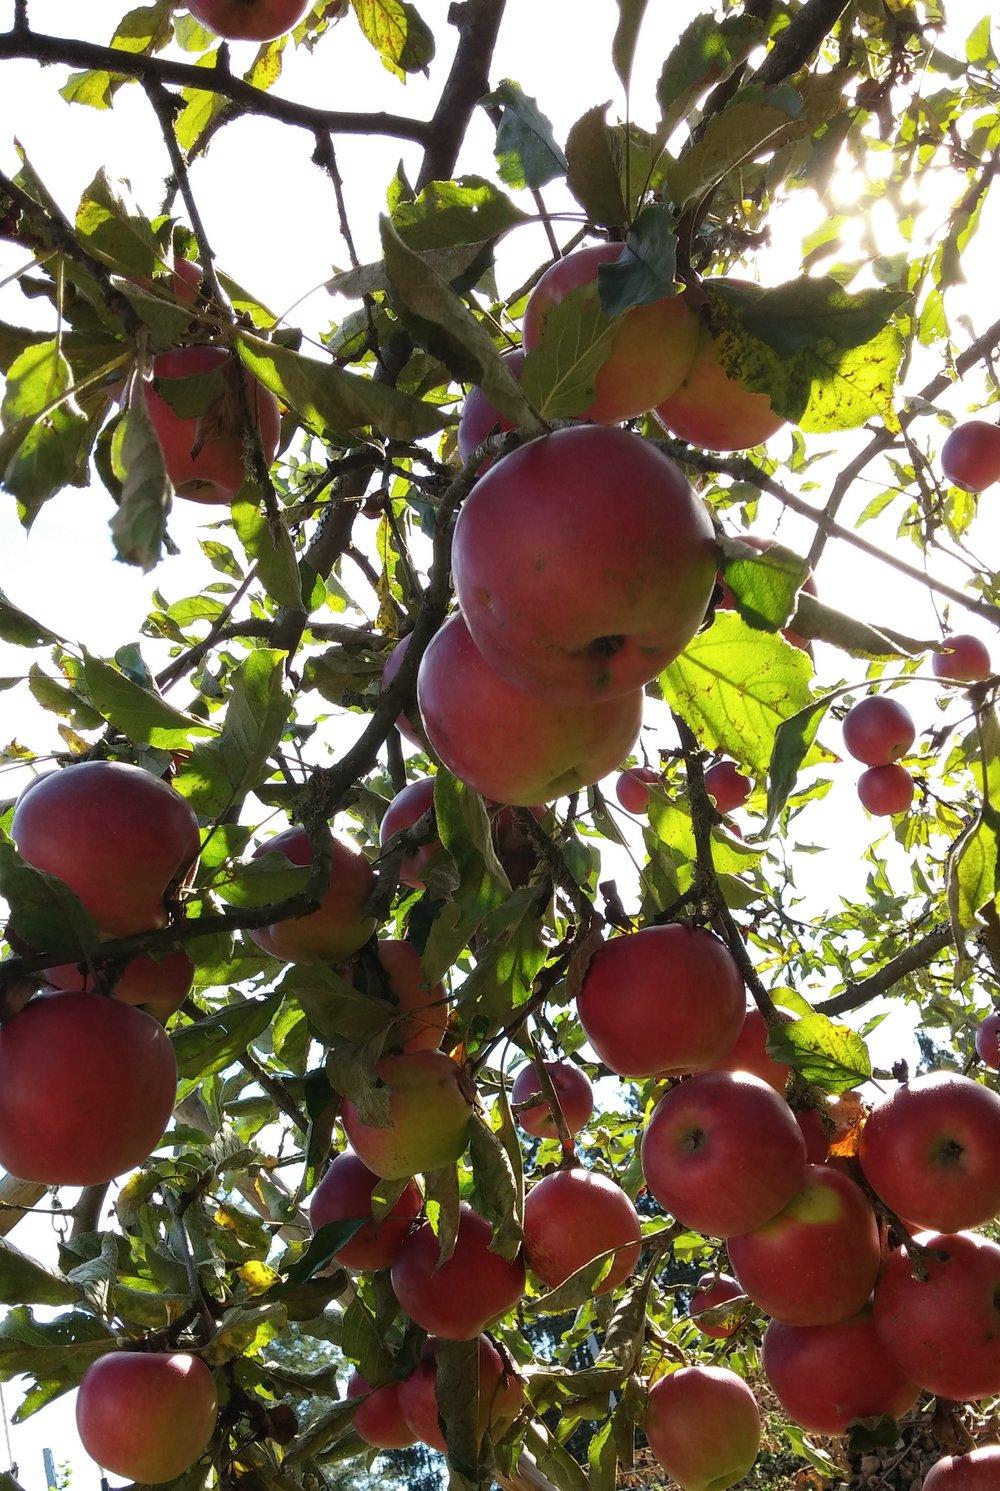 Einer der besten Momente im Spätsommer: im Apfelbaum sitzen, ernten, die Ruhe genießen und staunen über die Fülle, die einfach da ist, ohne dass wir etwas dafür tun müssen.